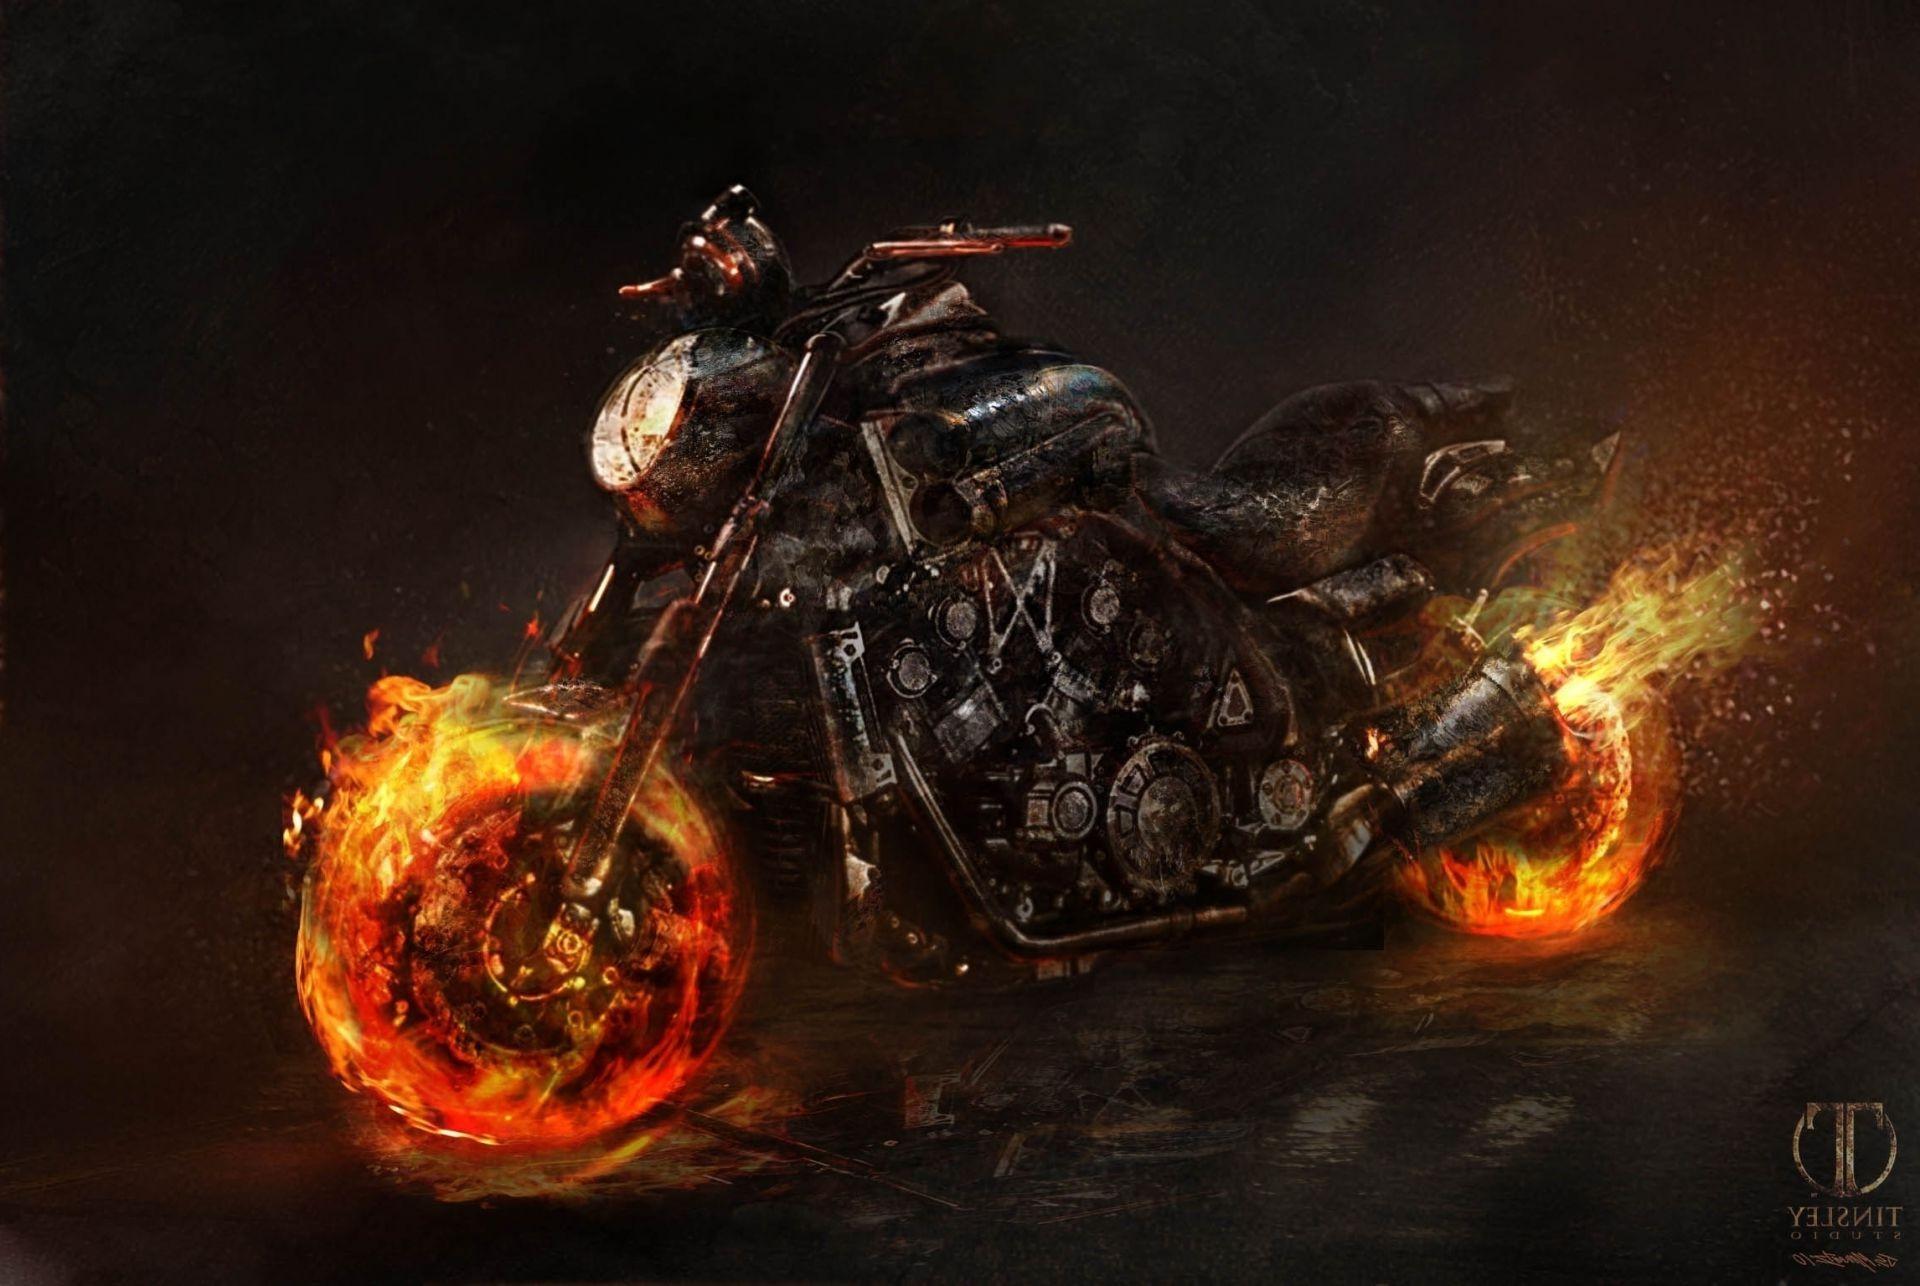 Призрачный гонщик 2 байк spirit of vengeance ghost rider, Обои на.